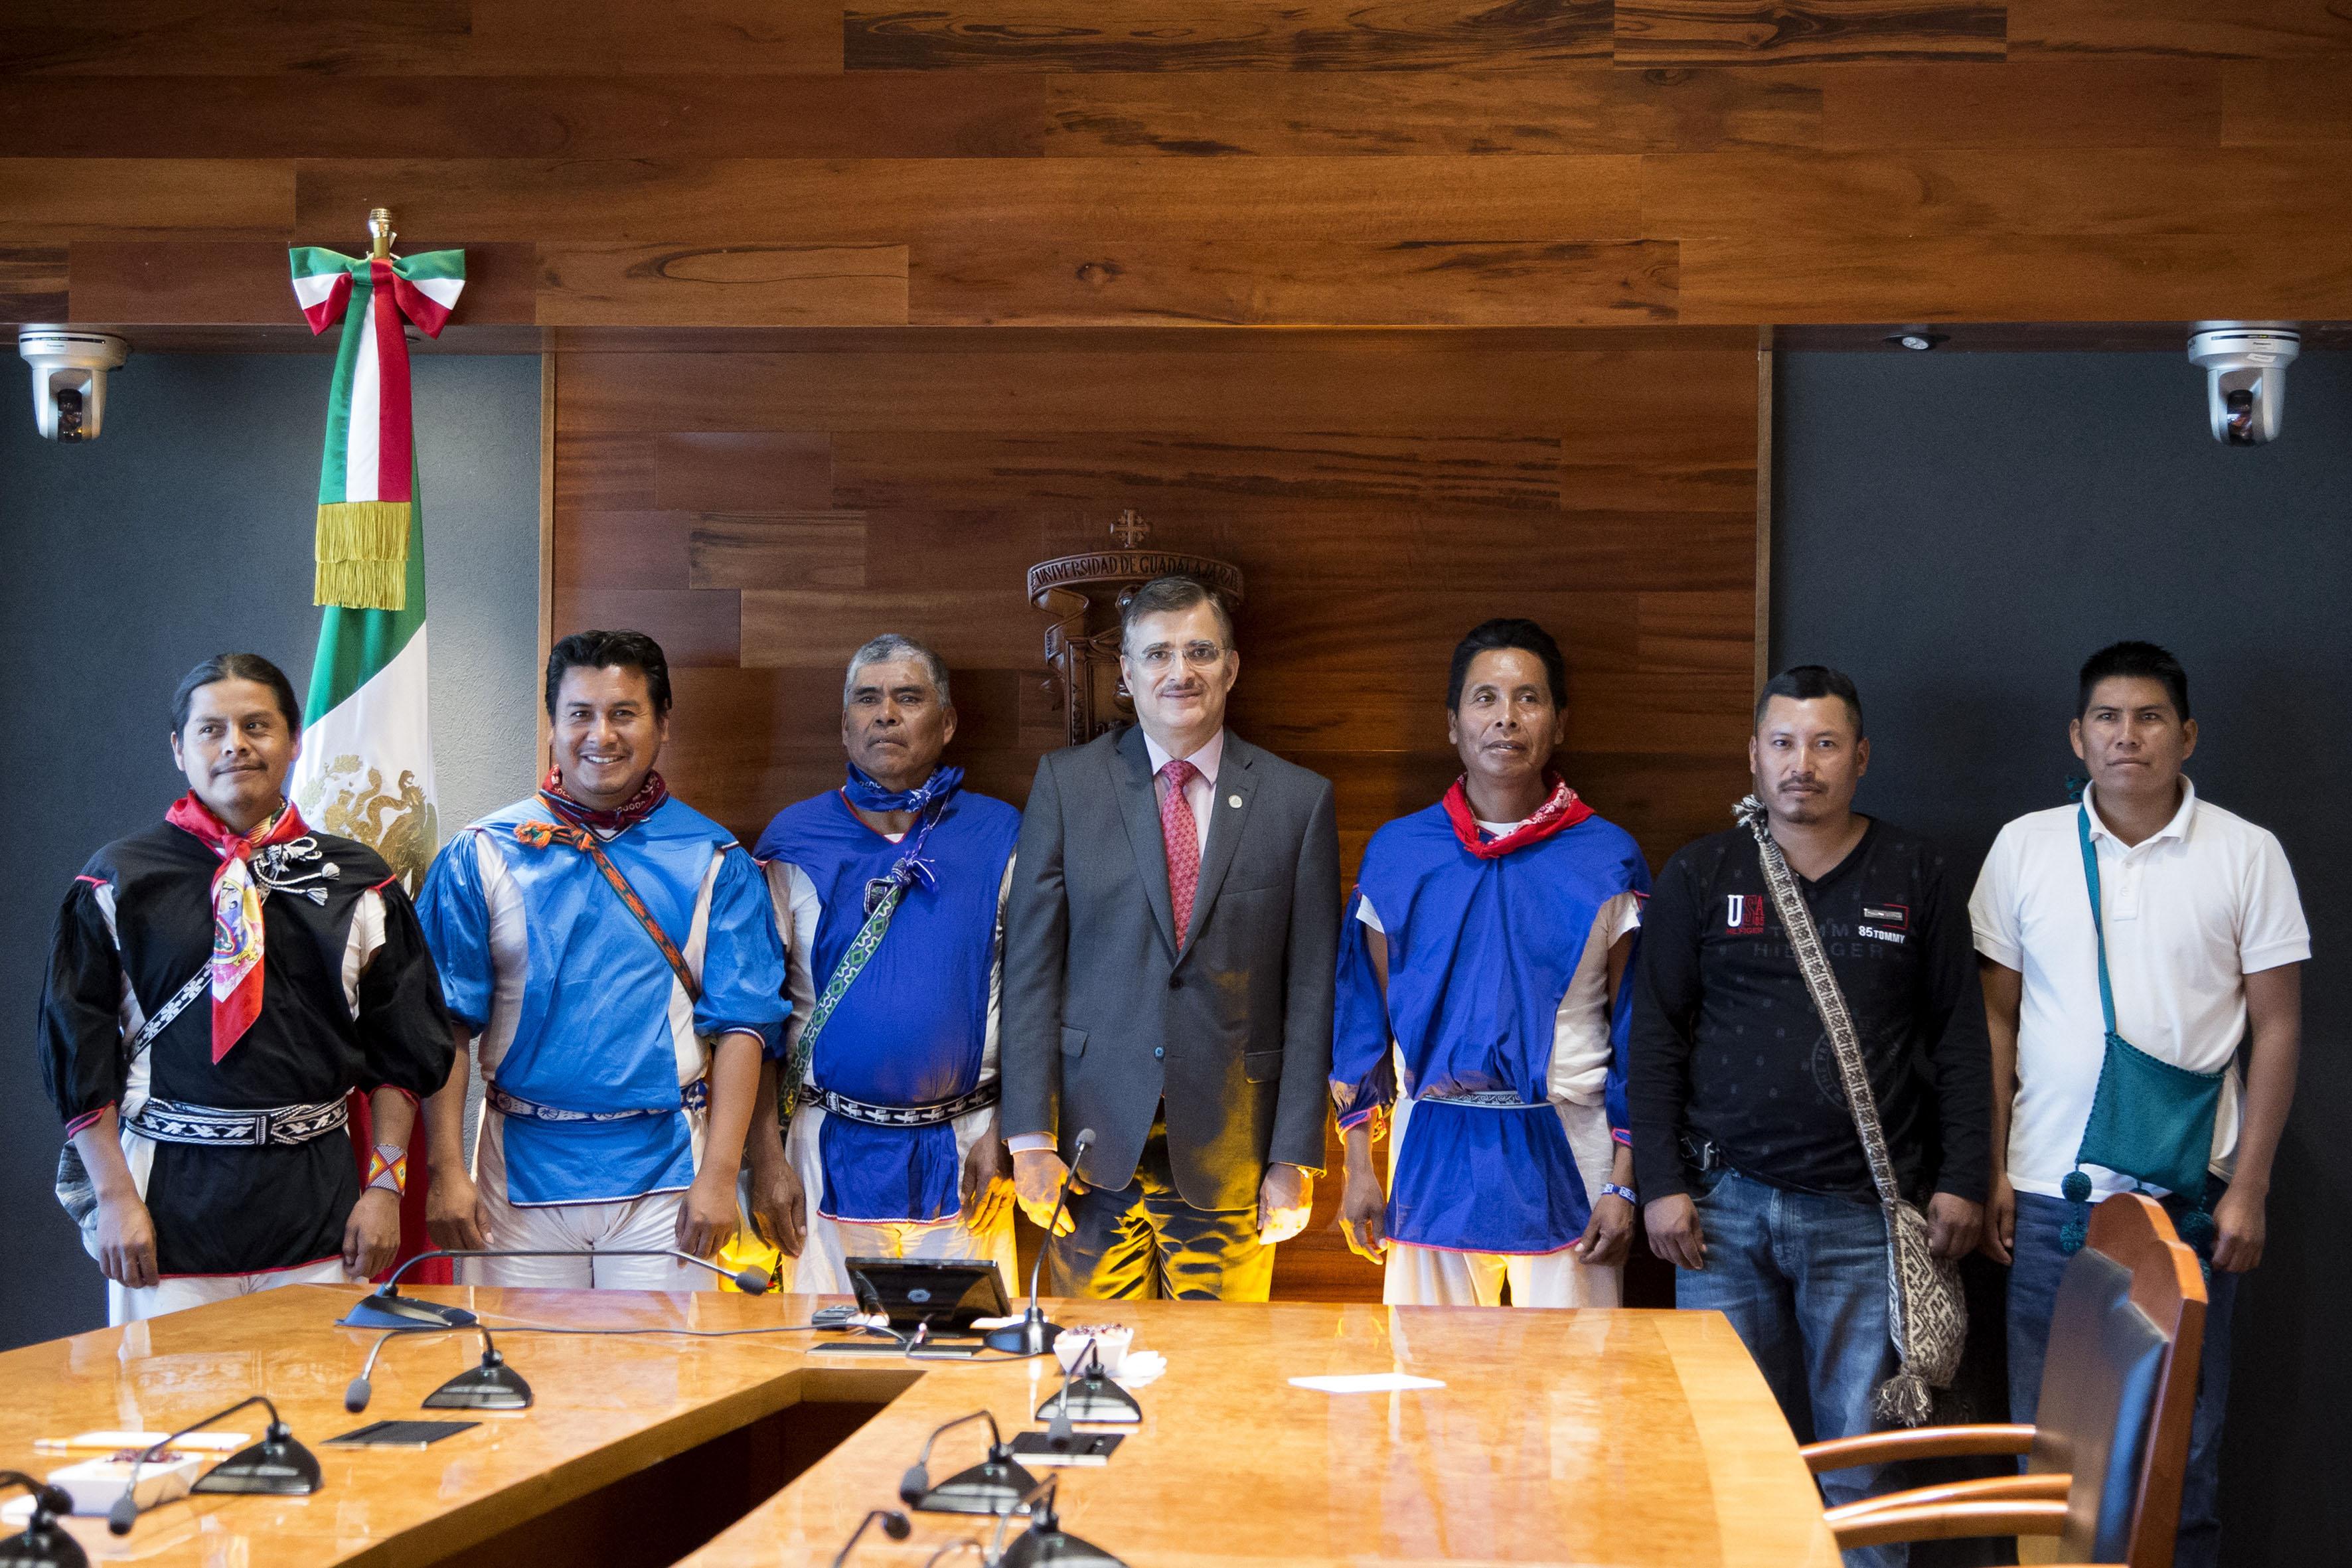 Rector General de la UdeG, maestro Itzcóatl Tonatiuh Bravo Padilla con miembros de la comunidad de Santa Catarina Cuexcomatitlán, del Municipio de Mezquitic, Jalisco, en firma de convenio